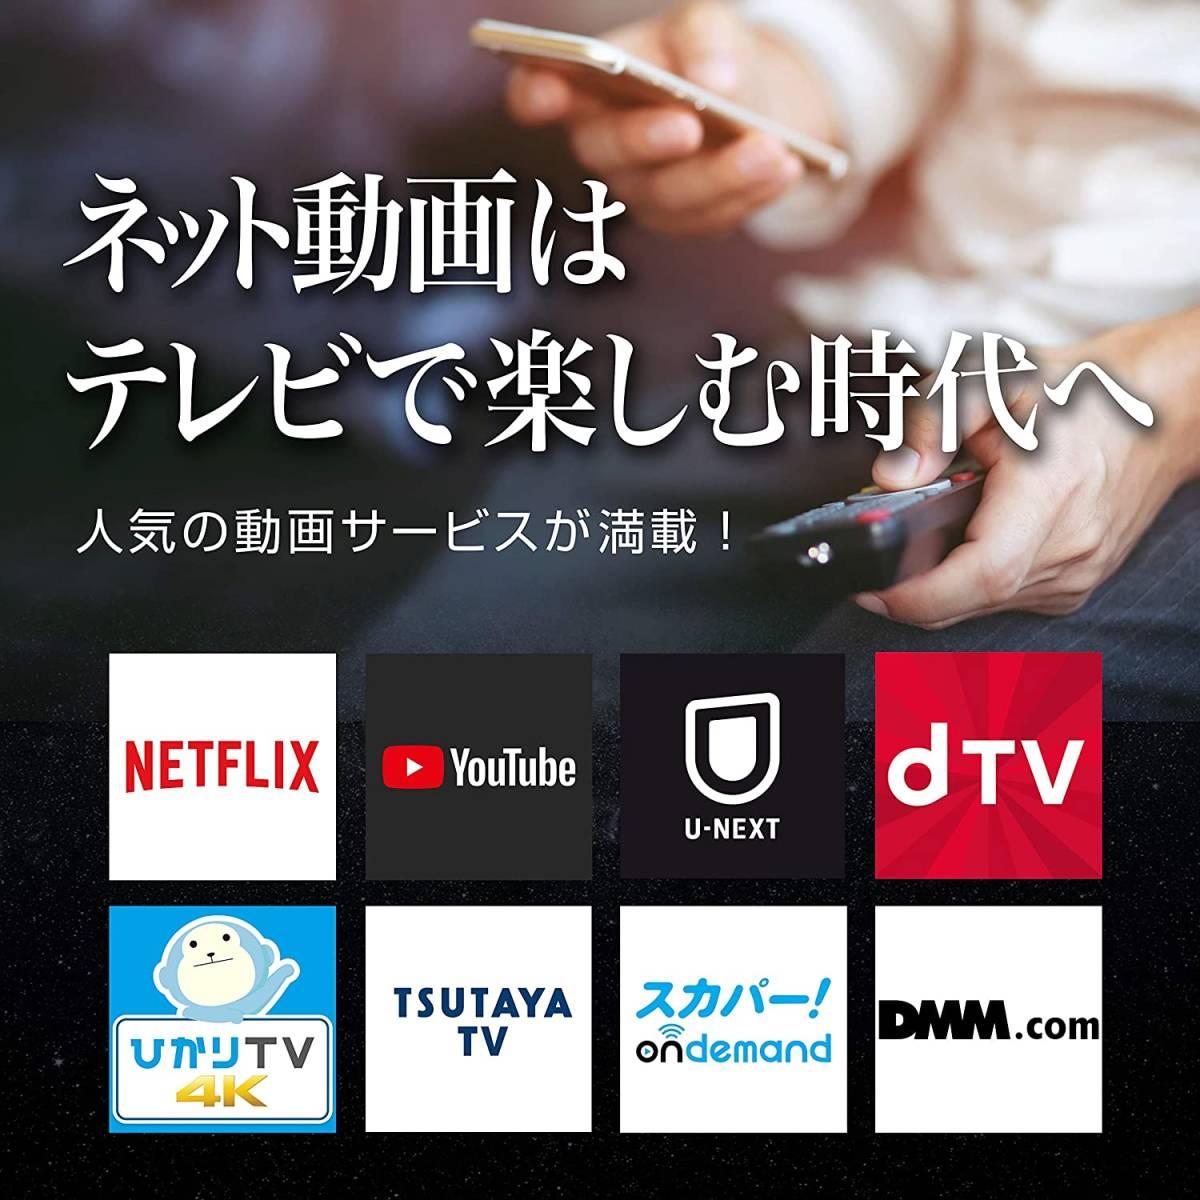 コスパ重視の方必見!! 4K 43V テレビ 液晶テレビ 液晶 BS CS 4Kチューナー内蔵 Netflix Youtube ゲームモード 43インチ_画像3